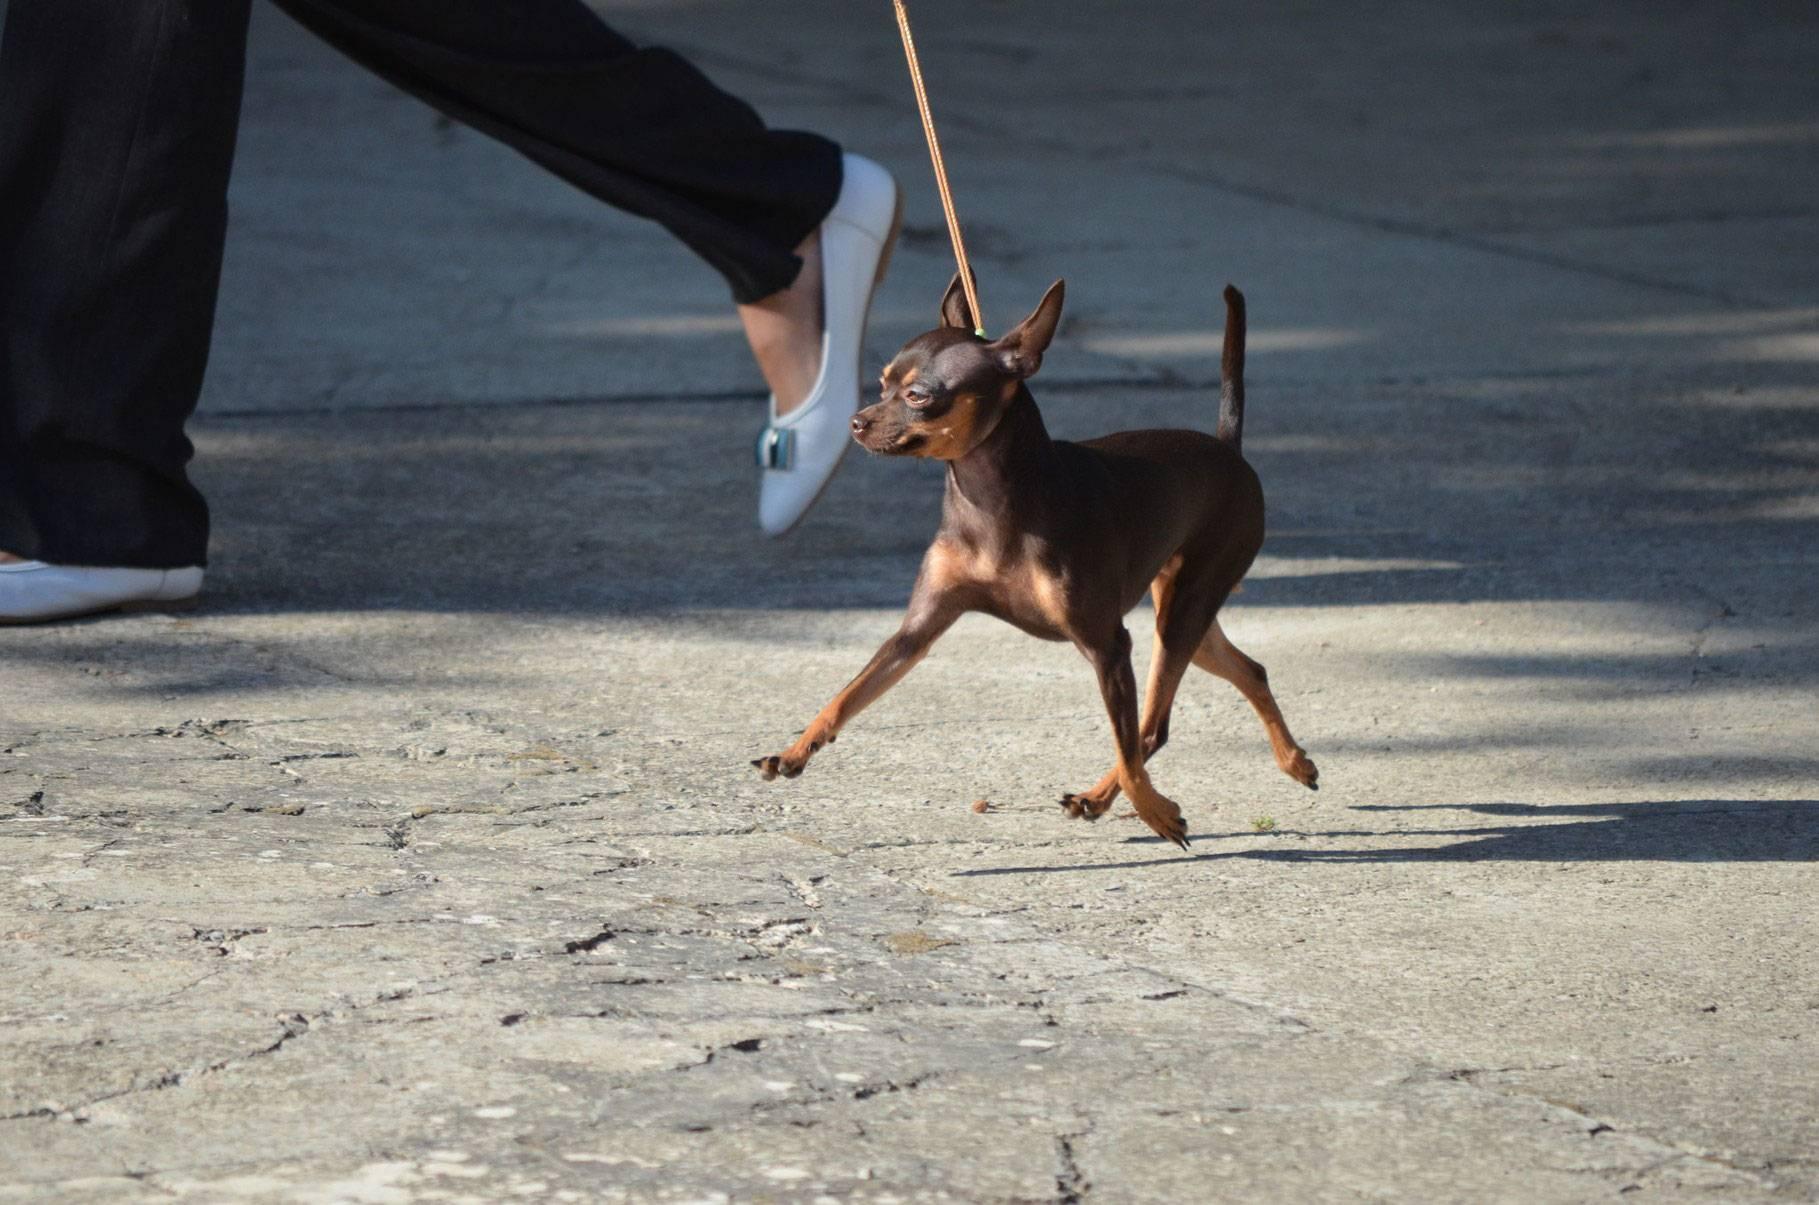 Как правильно воспитывать и дрессировать собак породы той-терьер дома